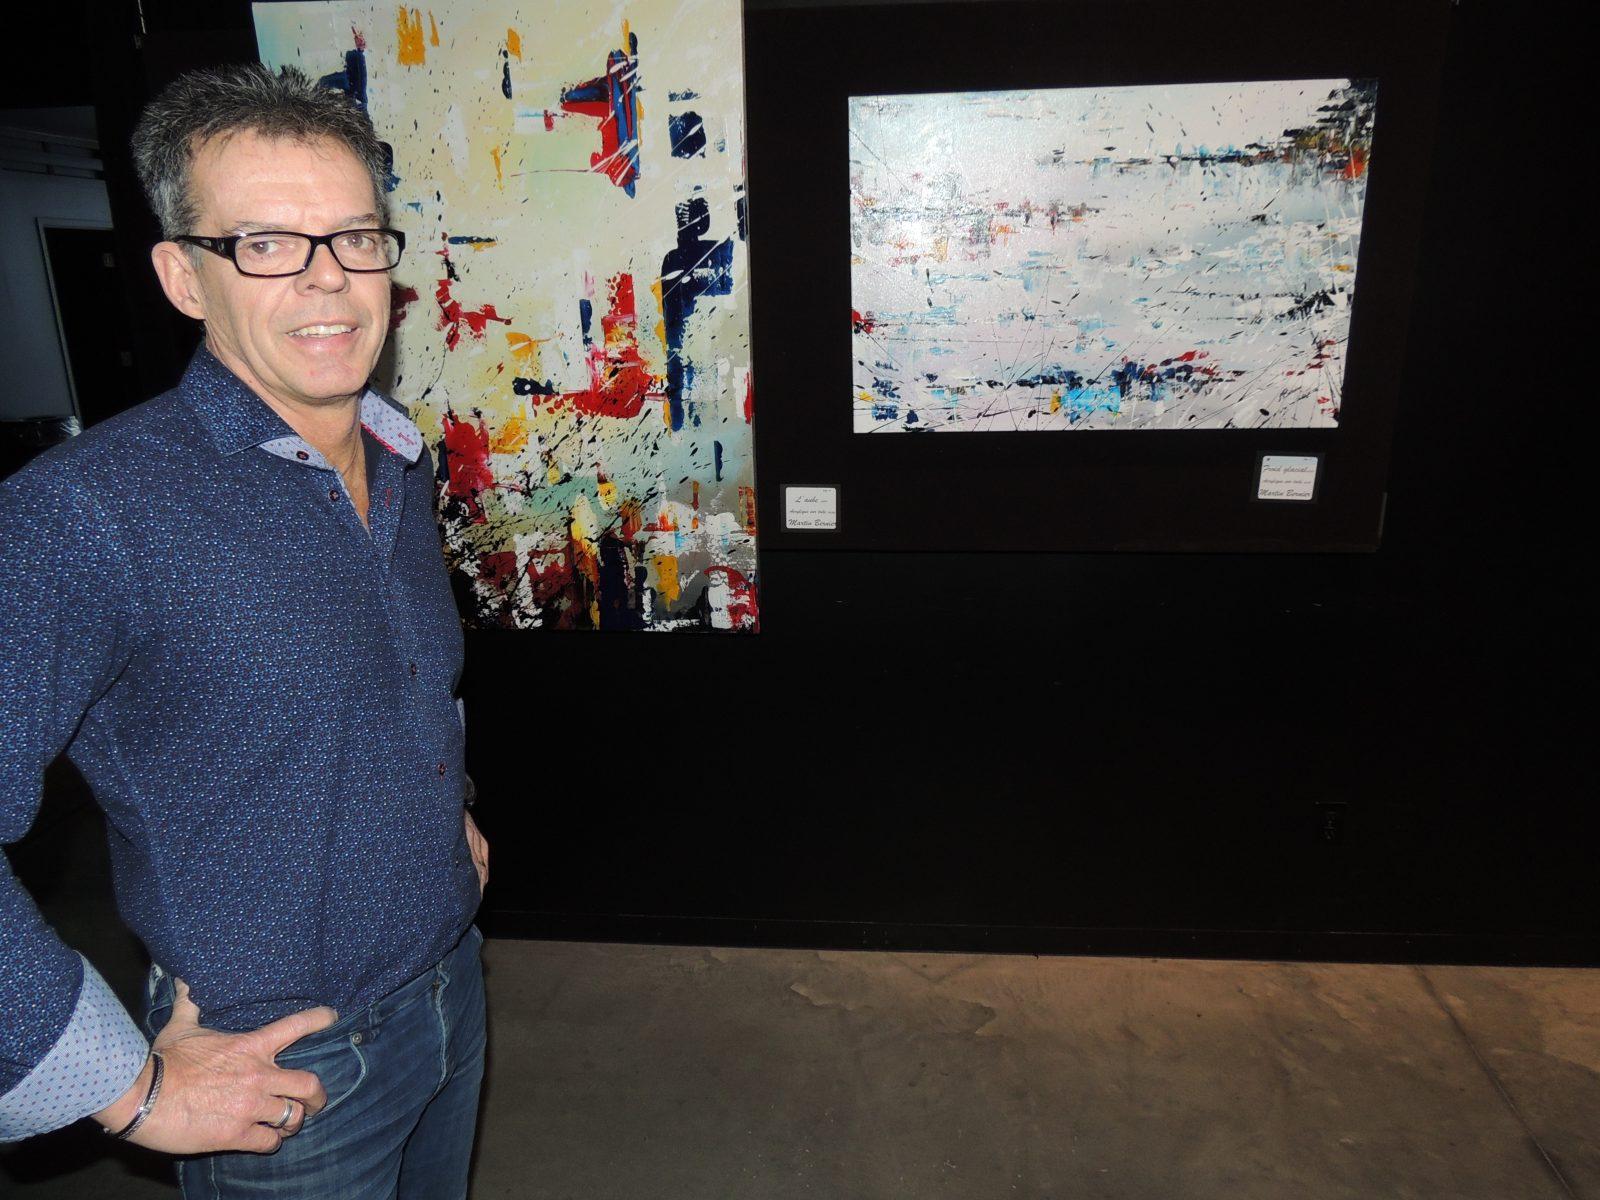 Martin Bernier nous fait découvrir ses talents de peintre